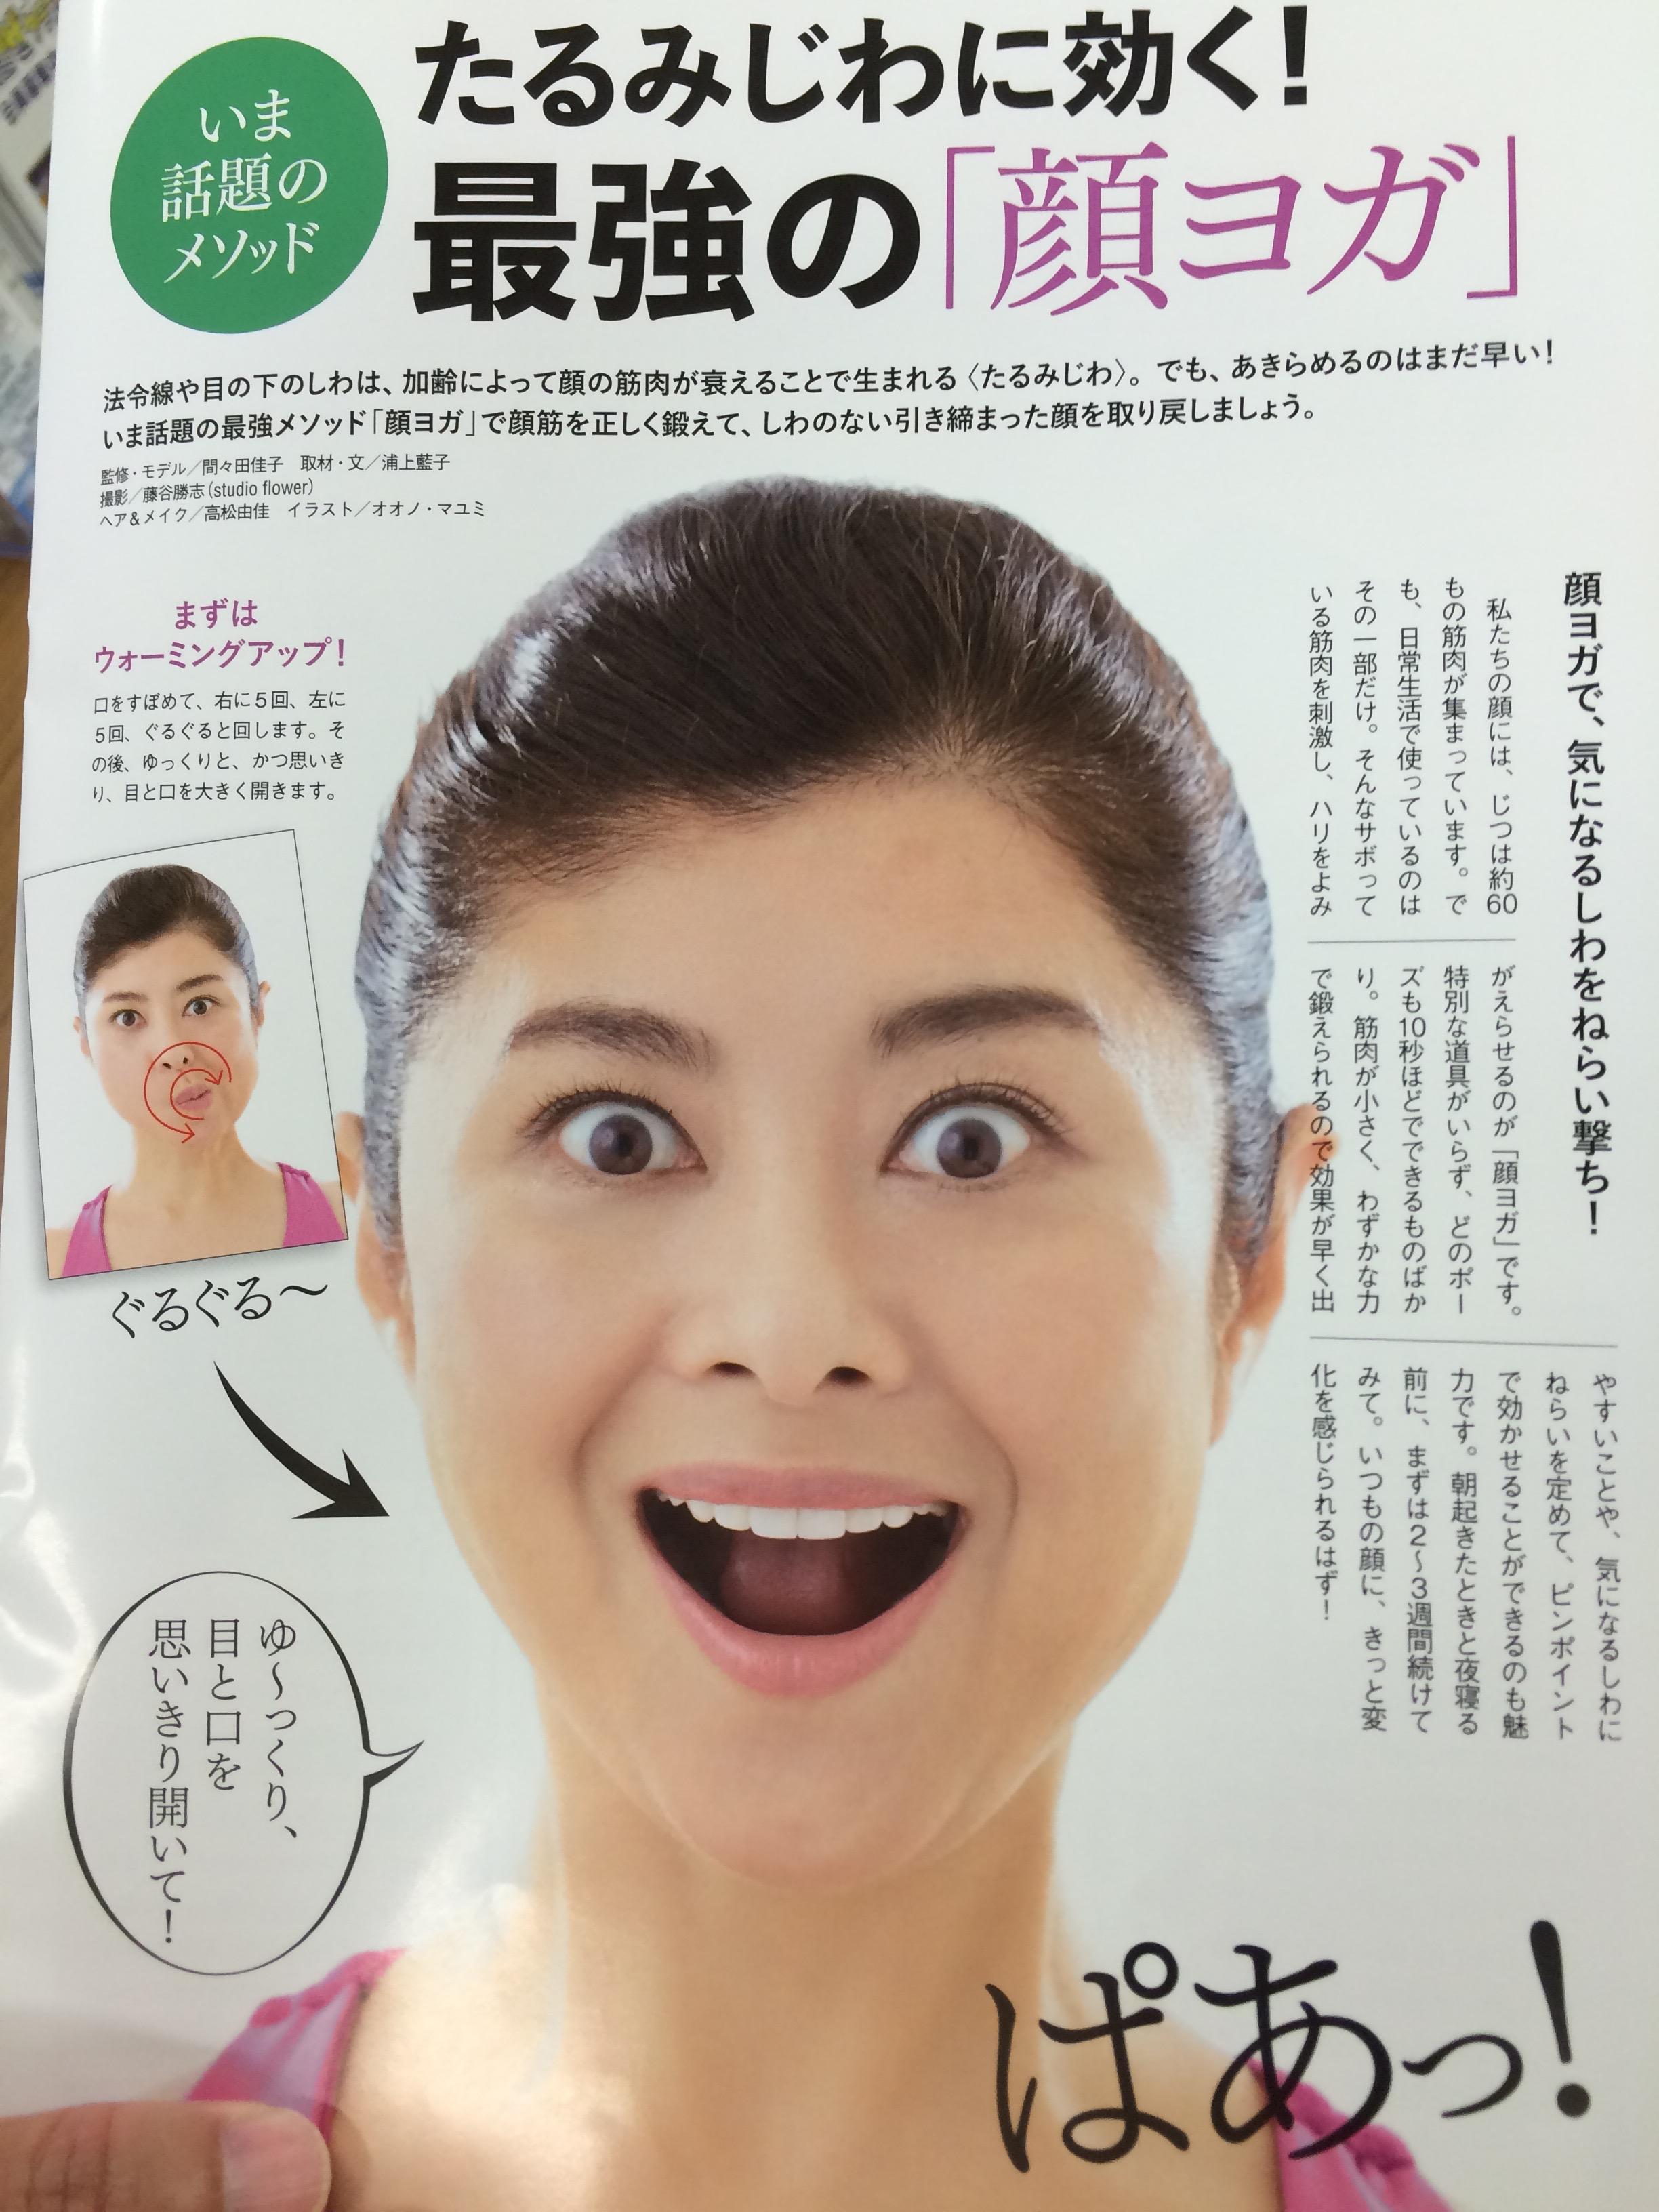 オレンジページで逗子発のビーサン・プロジェクトが紹介〜小橋姐さんは惜しくも全国デビューならず